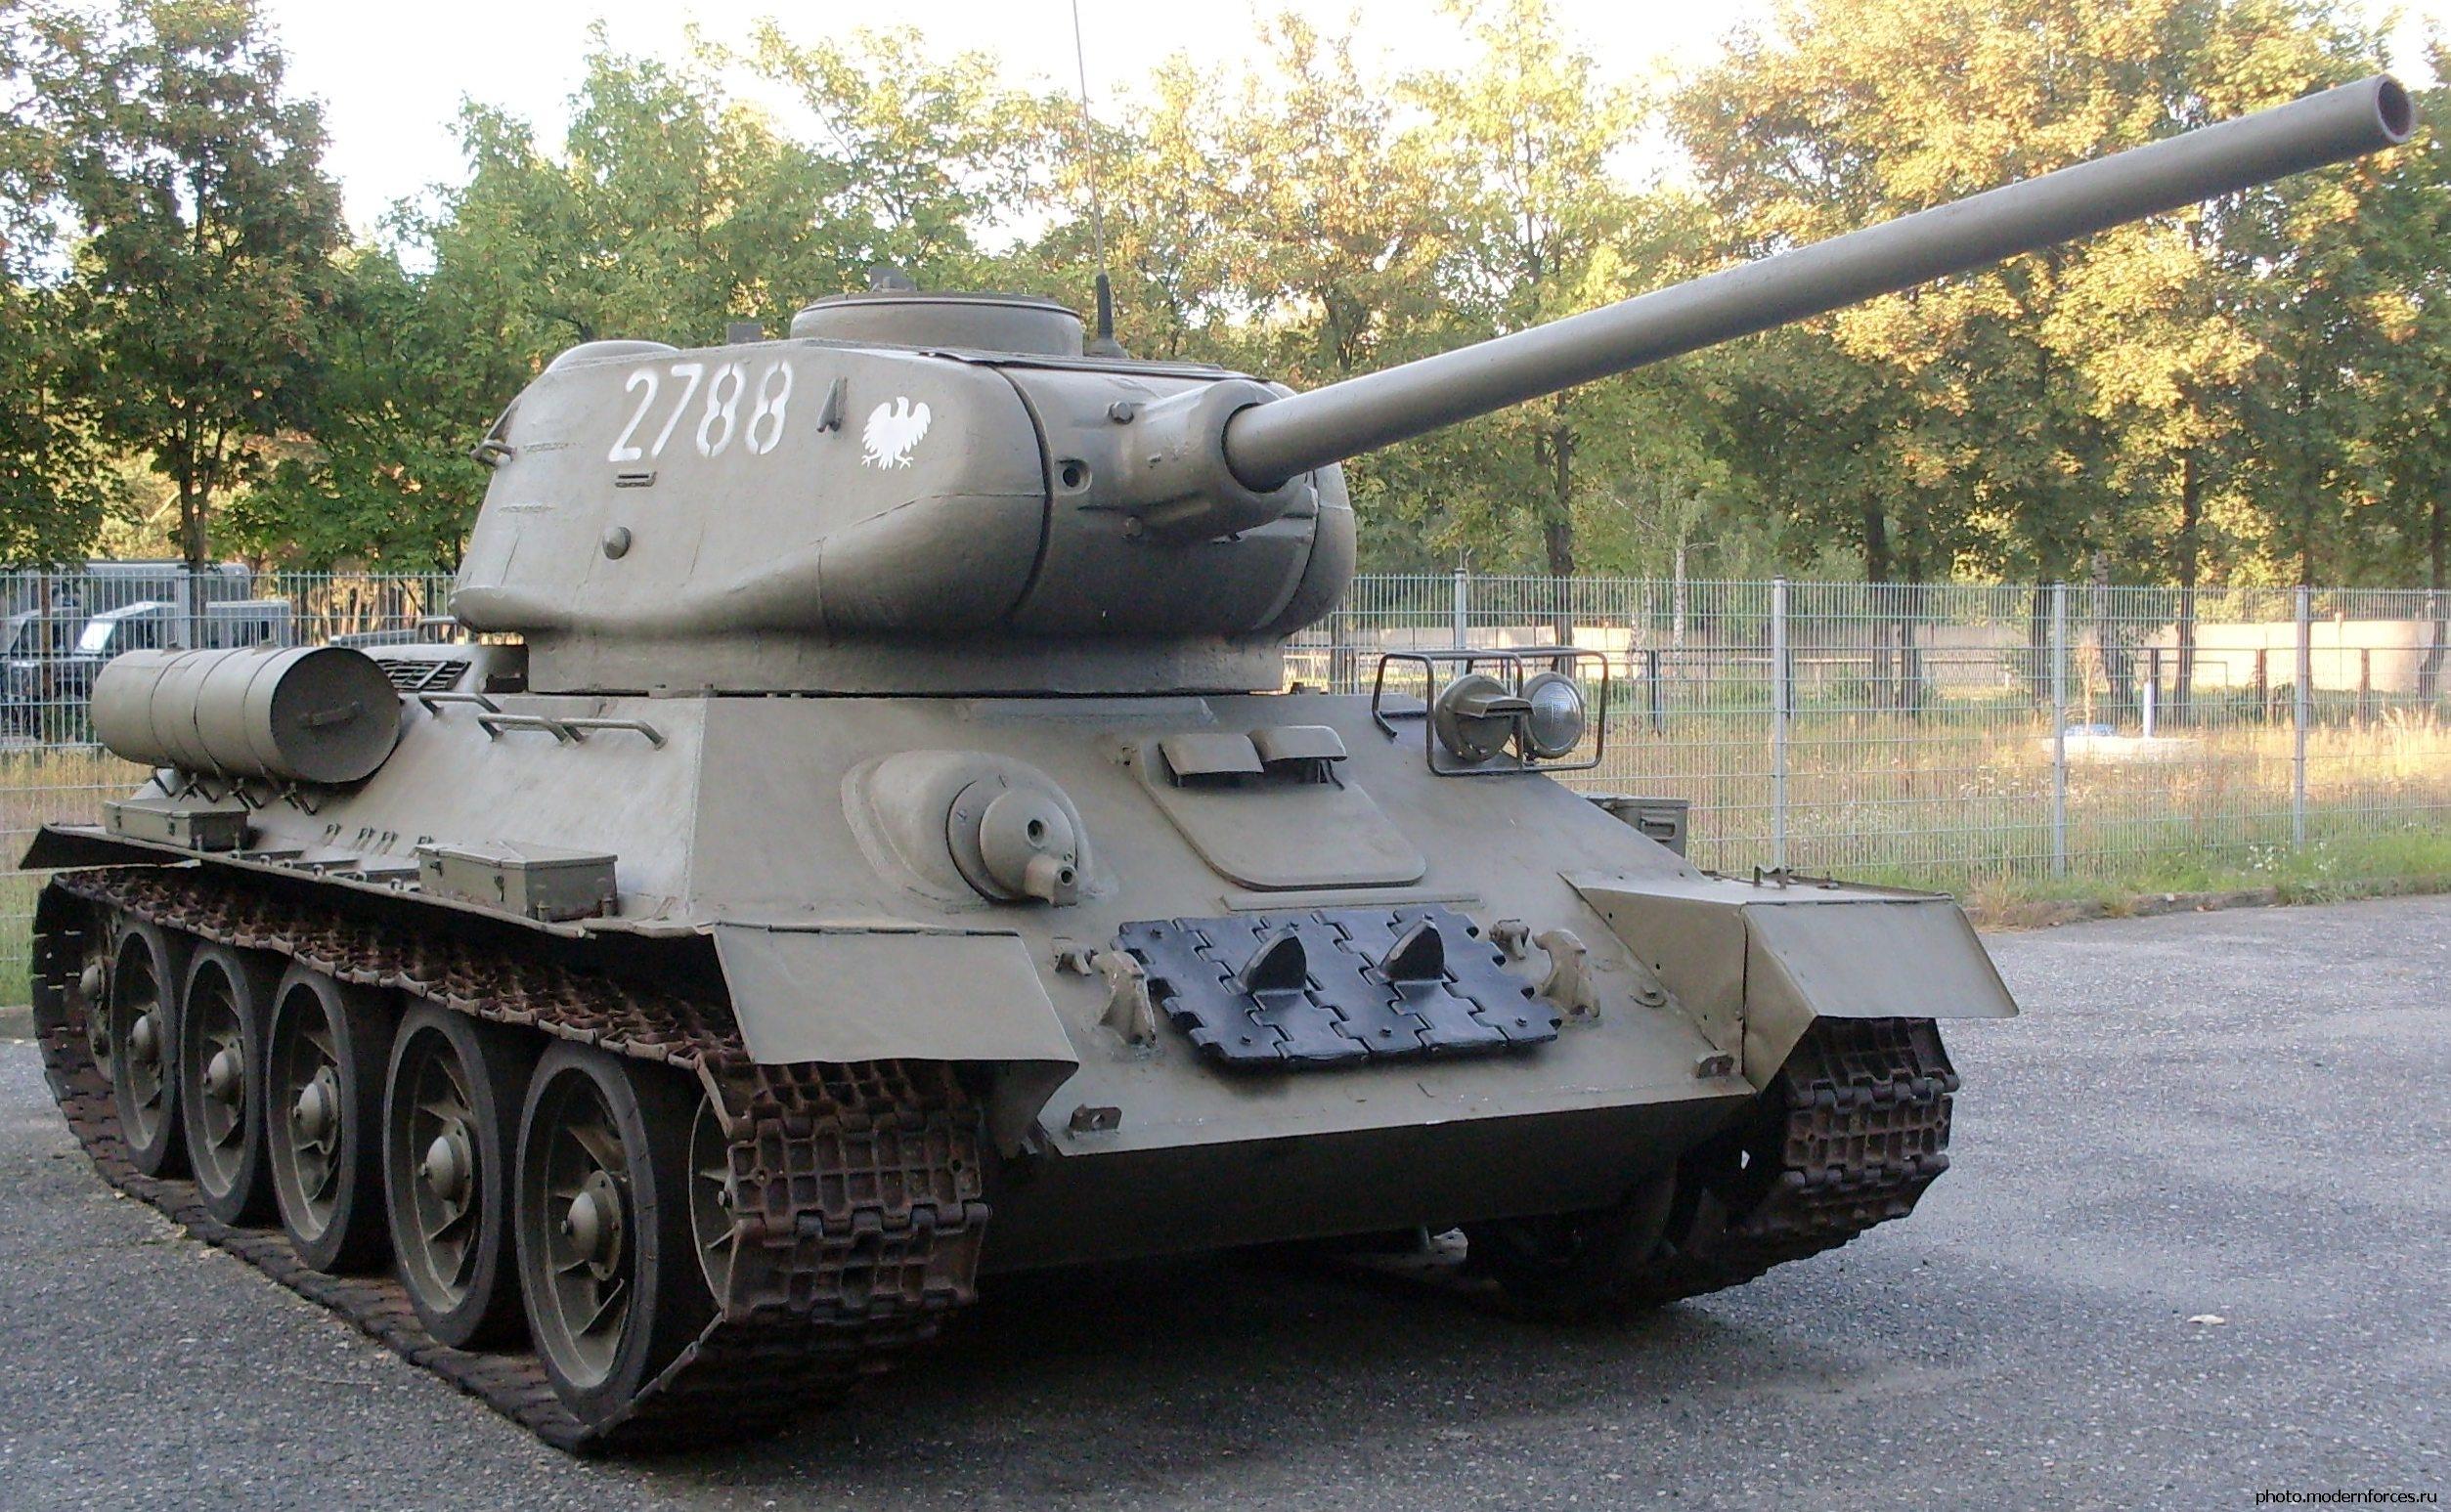 ФСБ предотвратила вывоз танка Т-34 из России в Казахстан | KM.RU